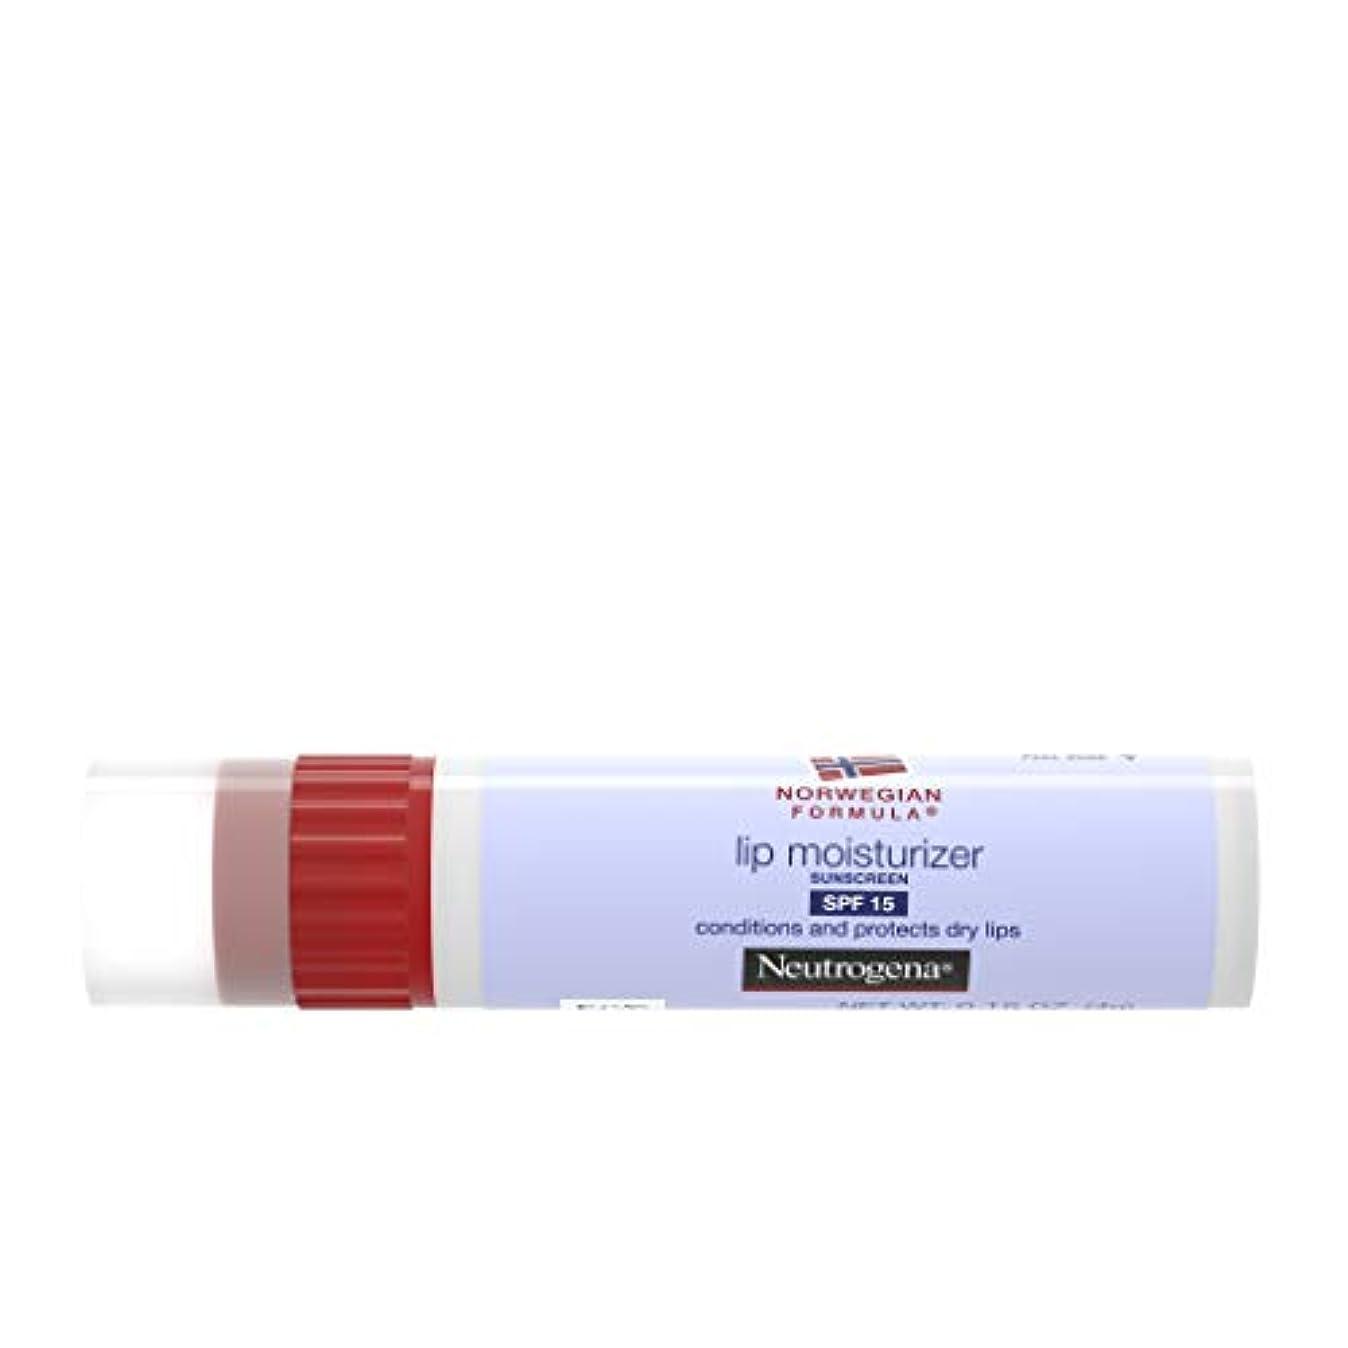 弓織機ガラガラNeutrogena Norwegian Formula Lip Moisturizer, SPF 15, 0.15 Ounce (並行輸入品)